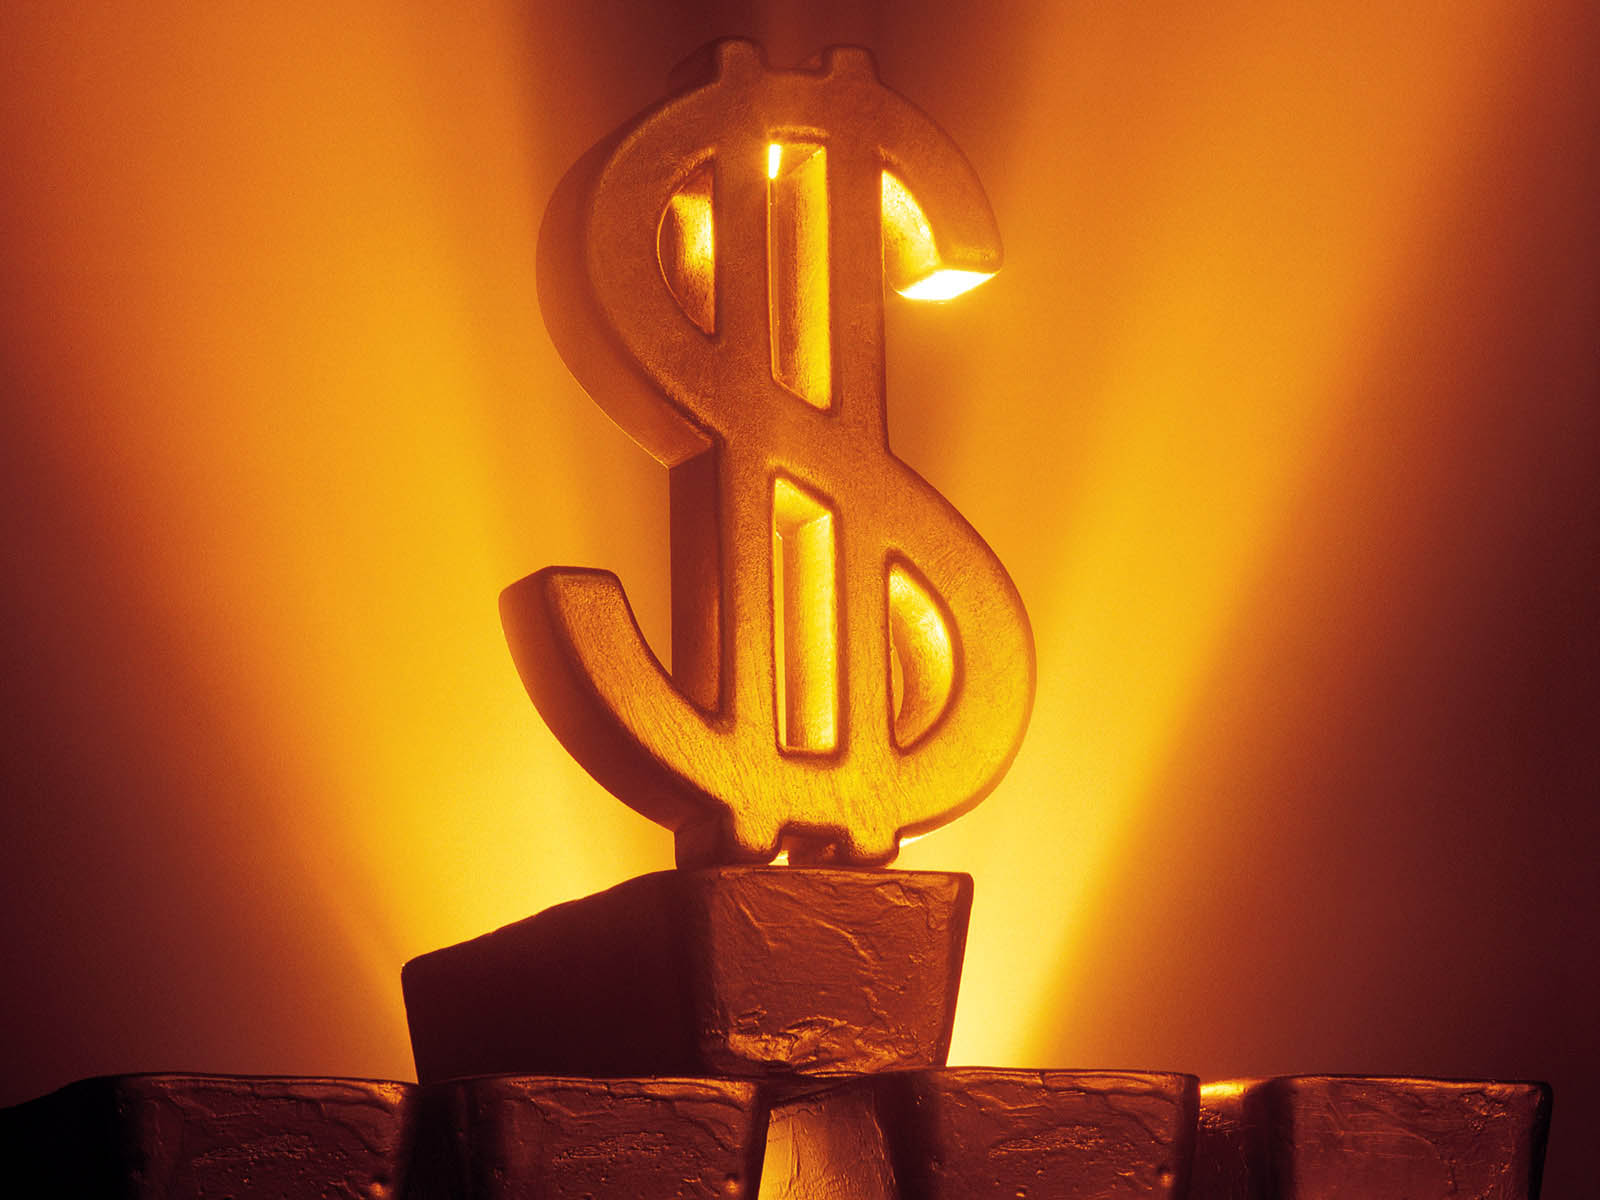 Картинка обои для рабочего стола деньги - Картинки Деньги ...: http://pictar.ru/img-oboi-dlya-rabochego-stola-dengi-27950.htm